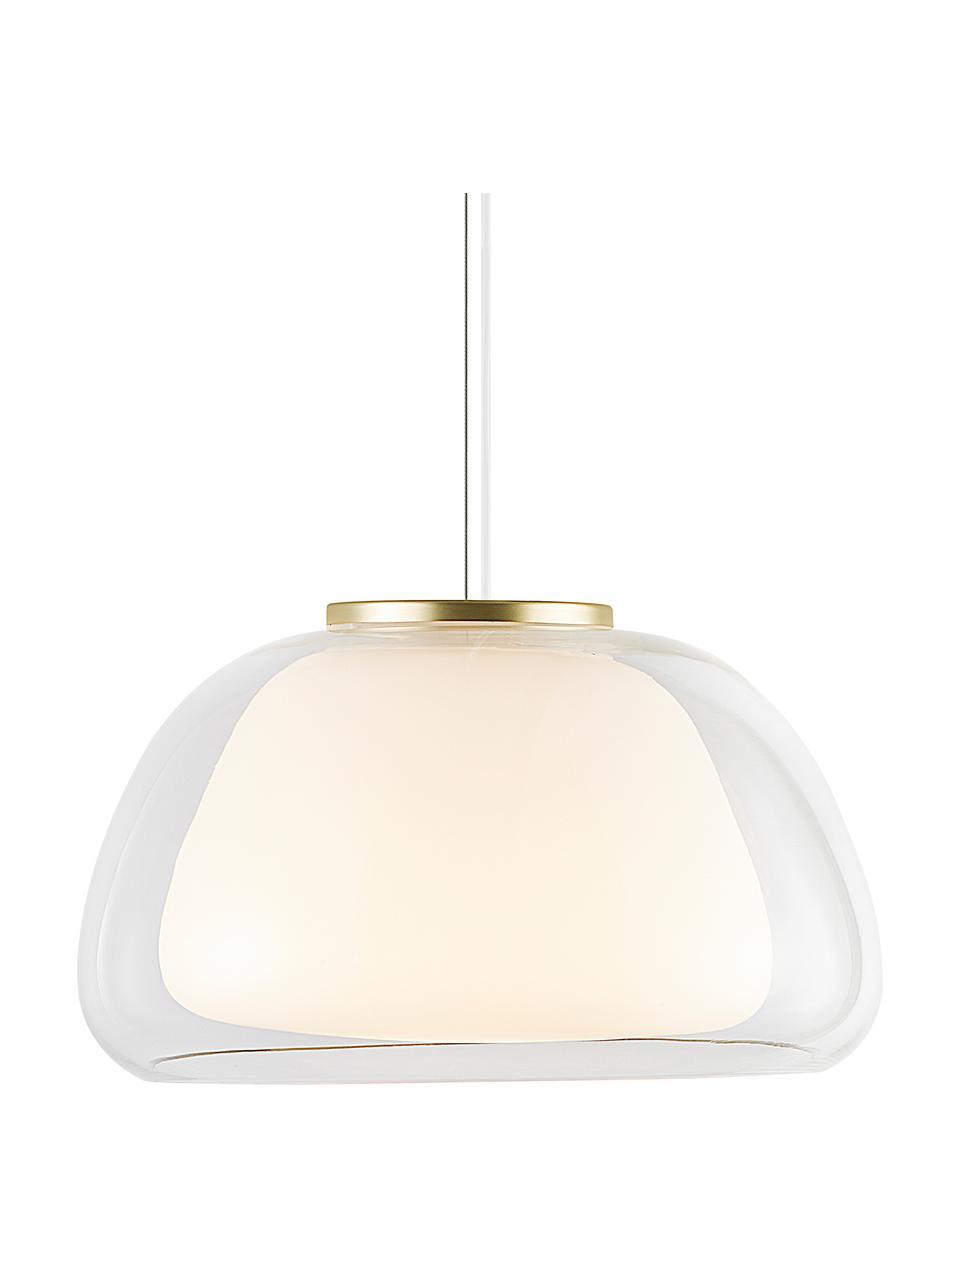 Pendelleuchte Jelly aus Glas, Lampenschirm: Glas, Dekor: Metall, Transparent, Weiß, Ø 39 x H 23 cm